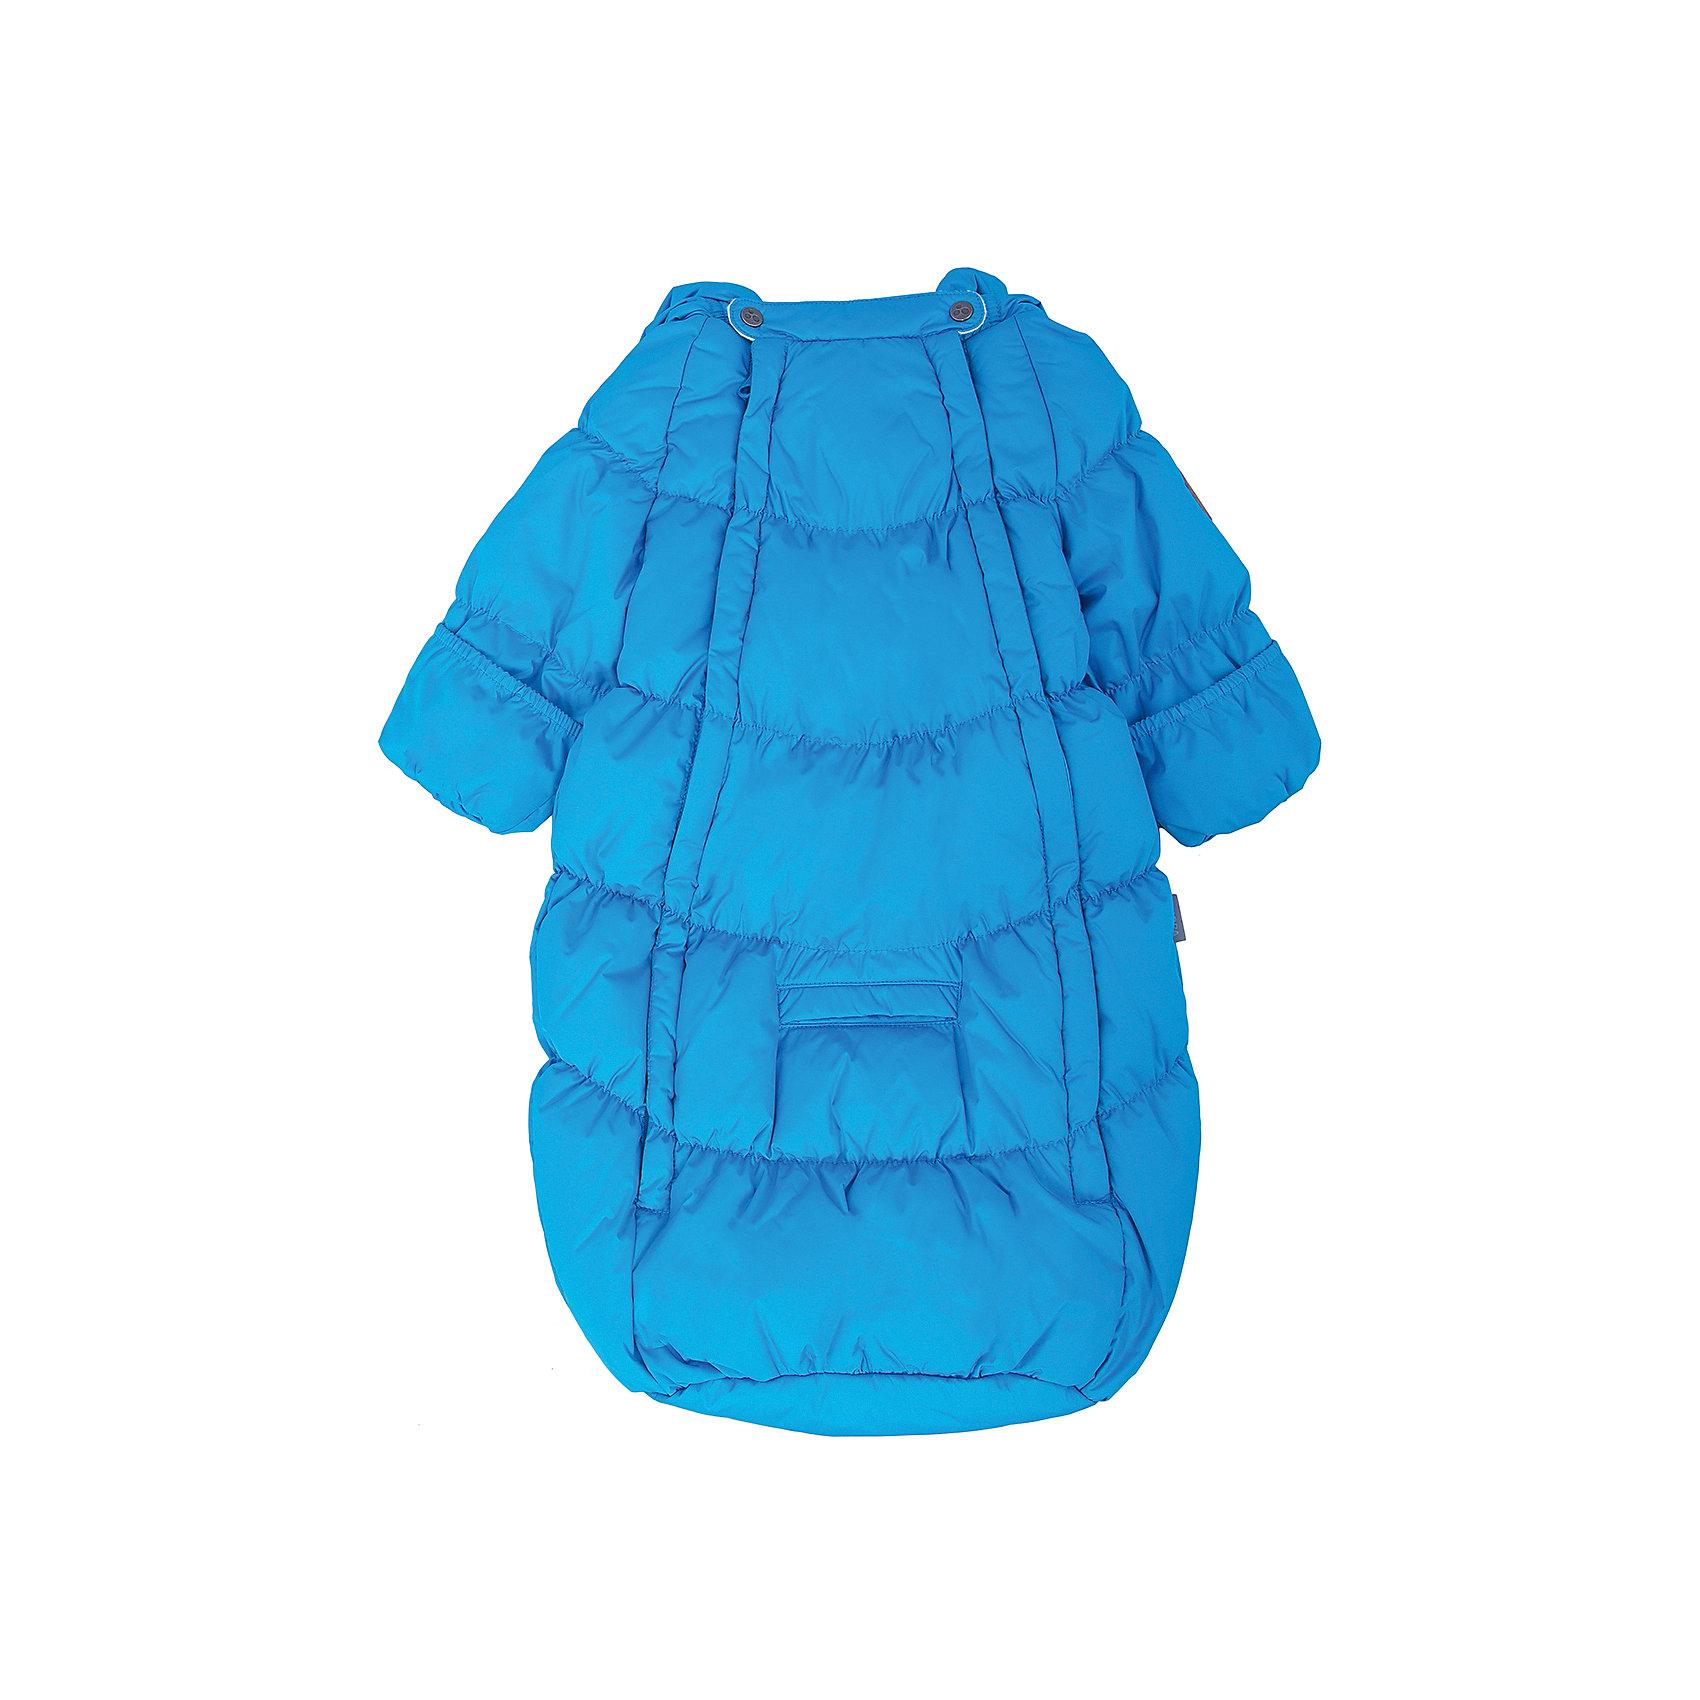 Конверт для мальчика HuppaКонверт EMILY Huppa(Хуппа) идеально подойдет для зимних прогулок с малышом. <br><br>Утеплитель: 50% пух, 50% перо.<br><br>Температурный режим: до -30 градусов. Степень утепления – высокая. <br><br>* Температурный режим указан приблизительно — необходимо, прежде всего, ориентироваться на ощущения ребенка. Температурный режим работает в случае соблюдения правила многослойности – использования флисовой поддевы и термобелья.<br><br>Особенности:<br>-резинки на манжетах<br>-отстегивающийся капюшон<br>-штрипки для обуви<br>-мягкая подкладка<br>-дышащие и водоотталкивающие материалы<br>-светоотражающие элементы<br>-манжеты с отворотом<br><br>Дополнительная информация:<br>Материал: 100% полиэстер<br>Подкладка: фланель - 100% хлопок<br>Цвет: синий<br><br>Вы можете приобрести конверт EMILY Huppa(Хуппа) в нашем интернет-магазине.<br><br>Ширина мм: 157<br>Глубина мм: 13<br>Высота мм: 119<br>Вес г: 200<br>Цвет: голубой<br>Возраст от месяцев: 2<br>Возраст до месяцев: 5<br>Пол: Мужской<br>Возраст: Детский<br>Размер: 62,68<br>SKU: 4928536